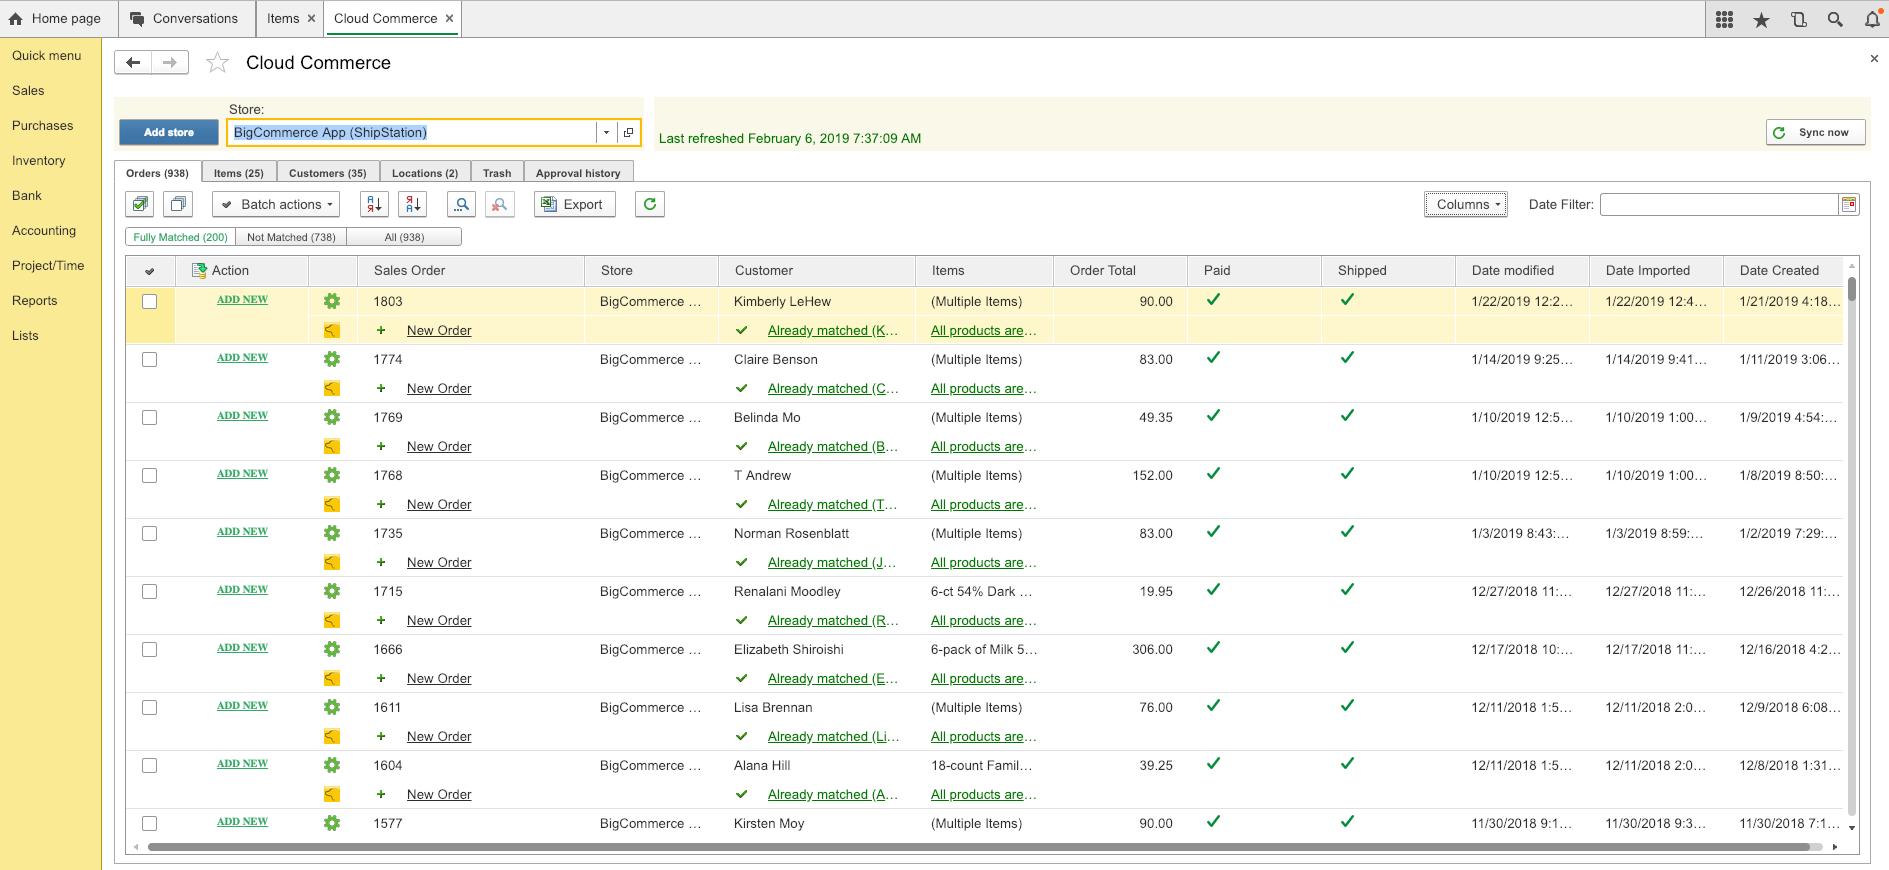 AccountingSuite Demo - Screen-Shot-2019-02-06-at-8.07.53-AM.png